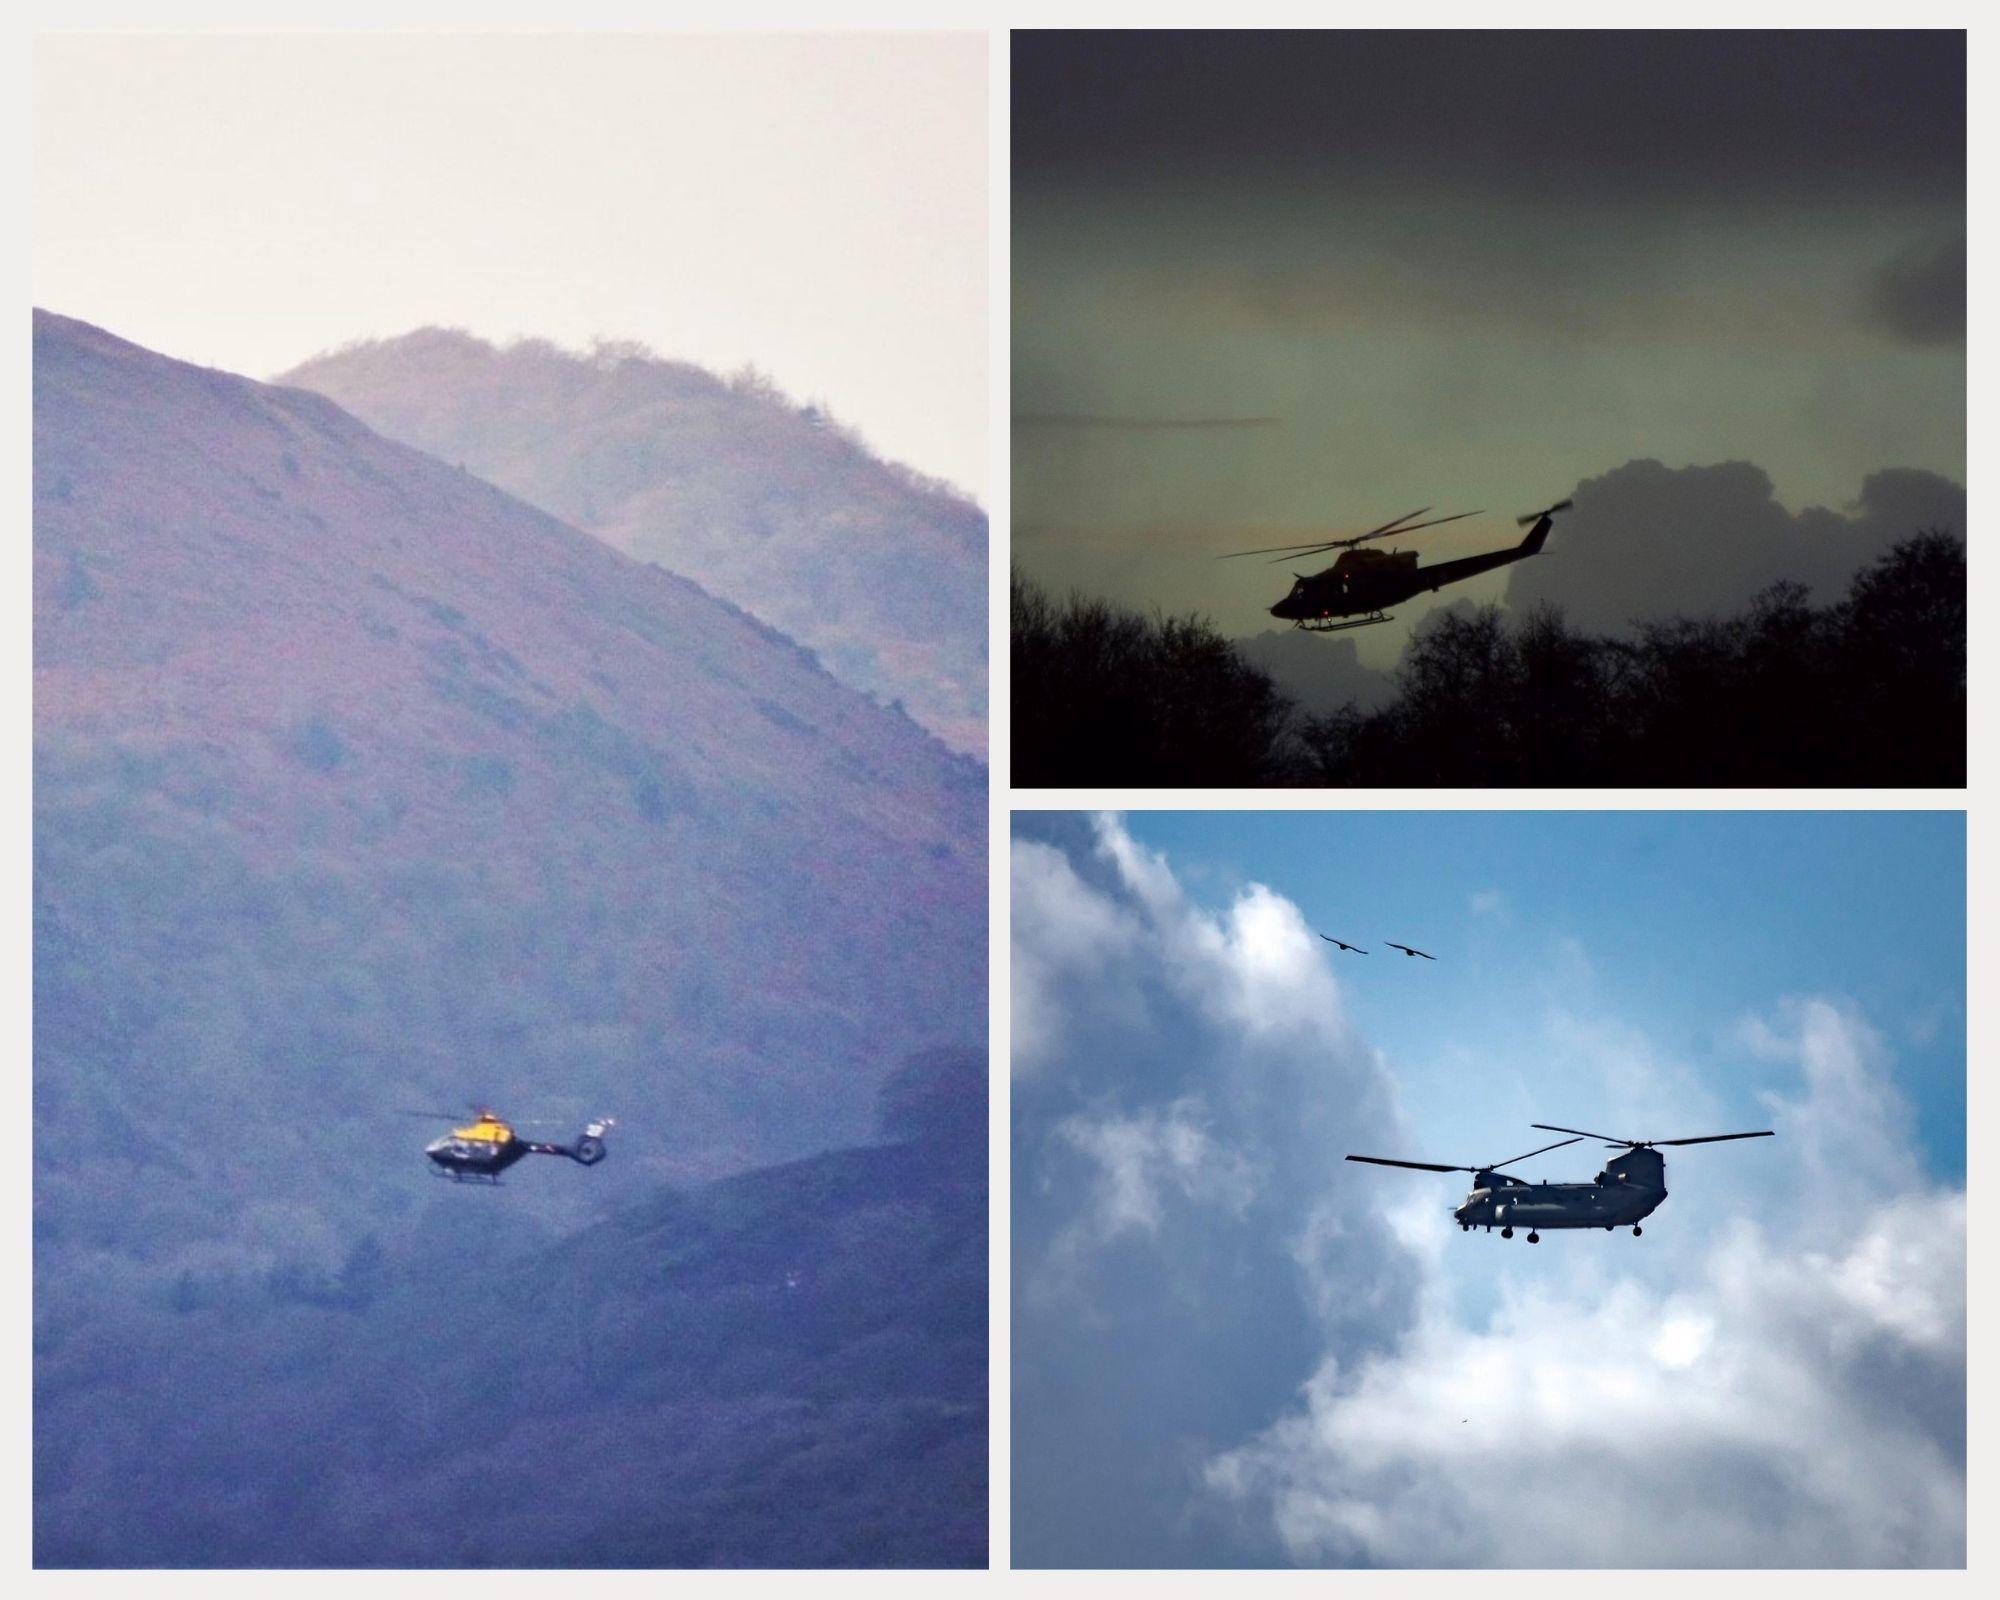 Εδώ είναι τα ελικόπτερα που εντοπίστηκαν στο Oswestry πρόσφατα